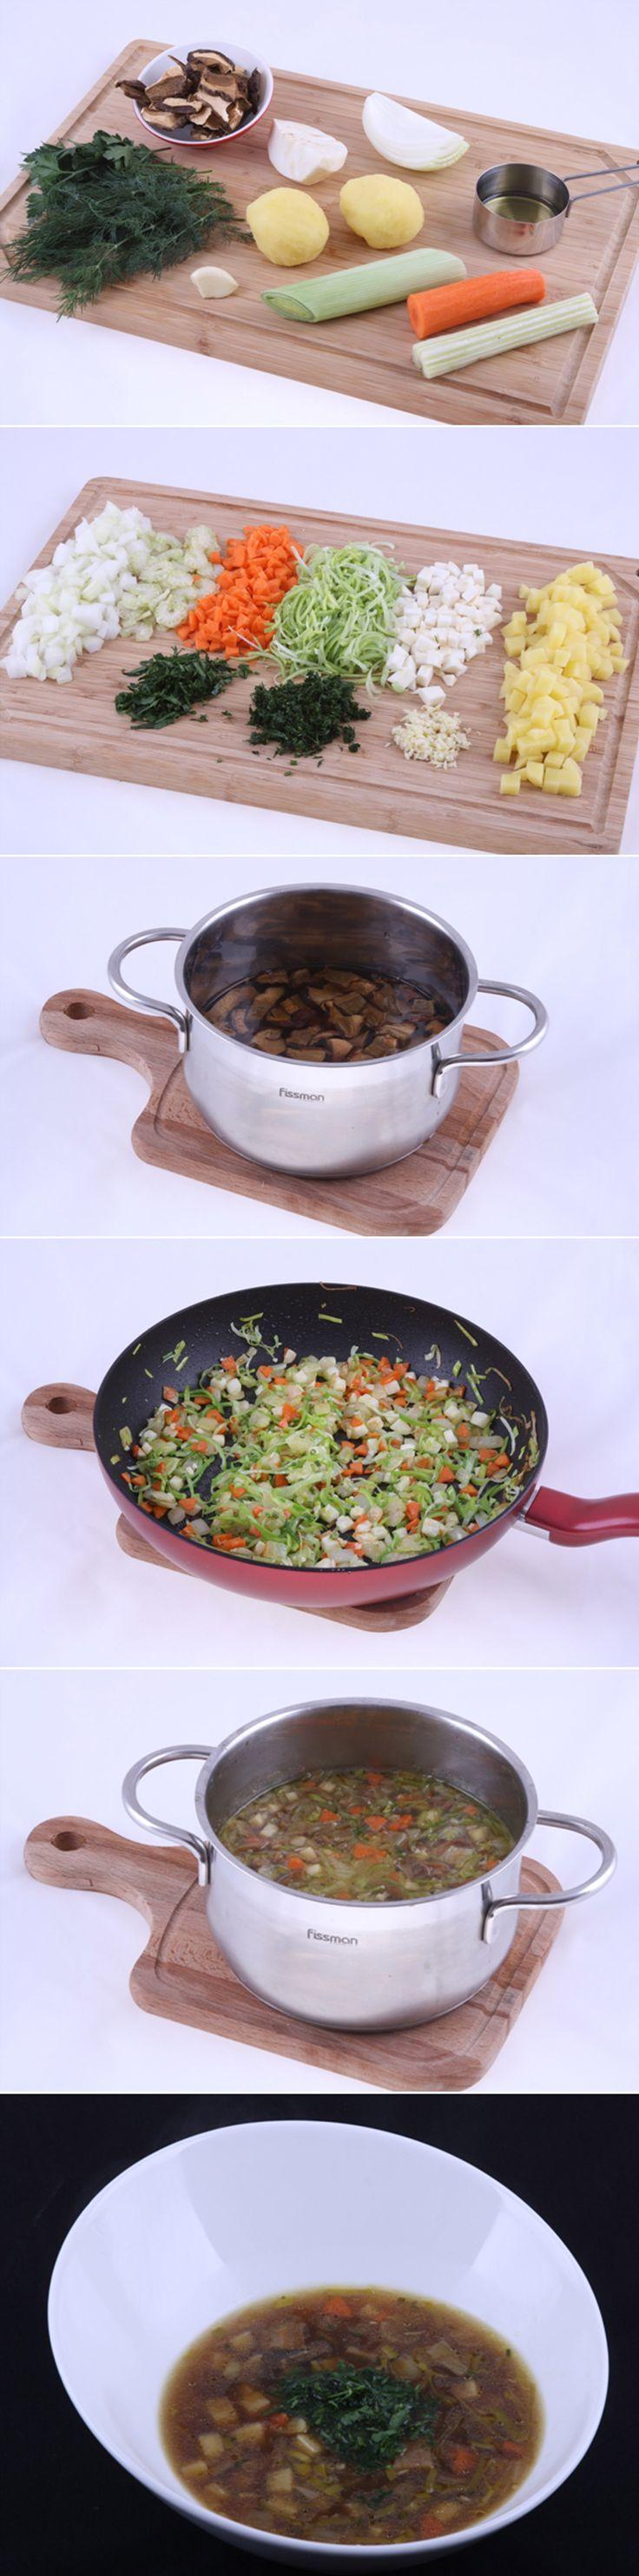 Вегетарианский грибной суп. Простой рецепт классического грибного супа. Невероятно аппетитный, очень вкусный и потрясающе ароматный грибной суп с сельдереем, чесноком и зеленью – постное овощное великолепие на вашем столе! Ингредиенты и способ приготовления блюда вы можете увидеть в...http://vk.com/dinnerday; http://instagram.com/dinnerday #суп #кулинария #грибы #вегетарианский #постное #овощи #еда #рецепт #dinnerday #food #cook #recipe #soup #mushrooms #vegetarian #vegetables #meatless